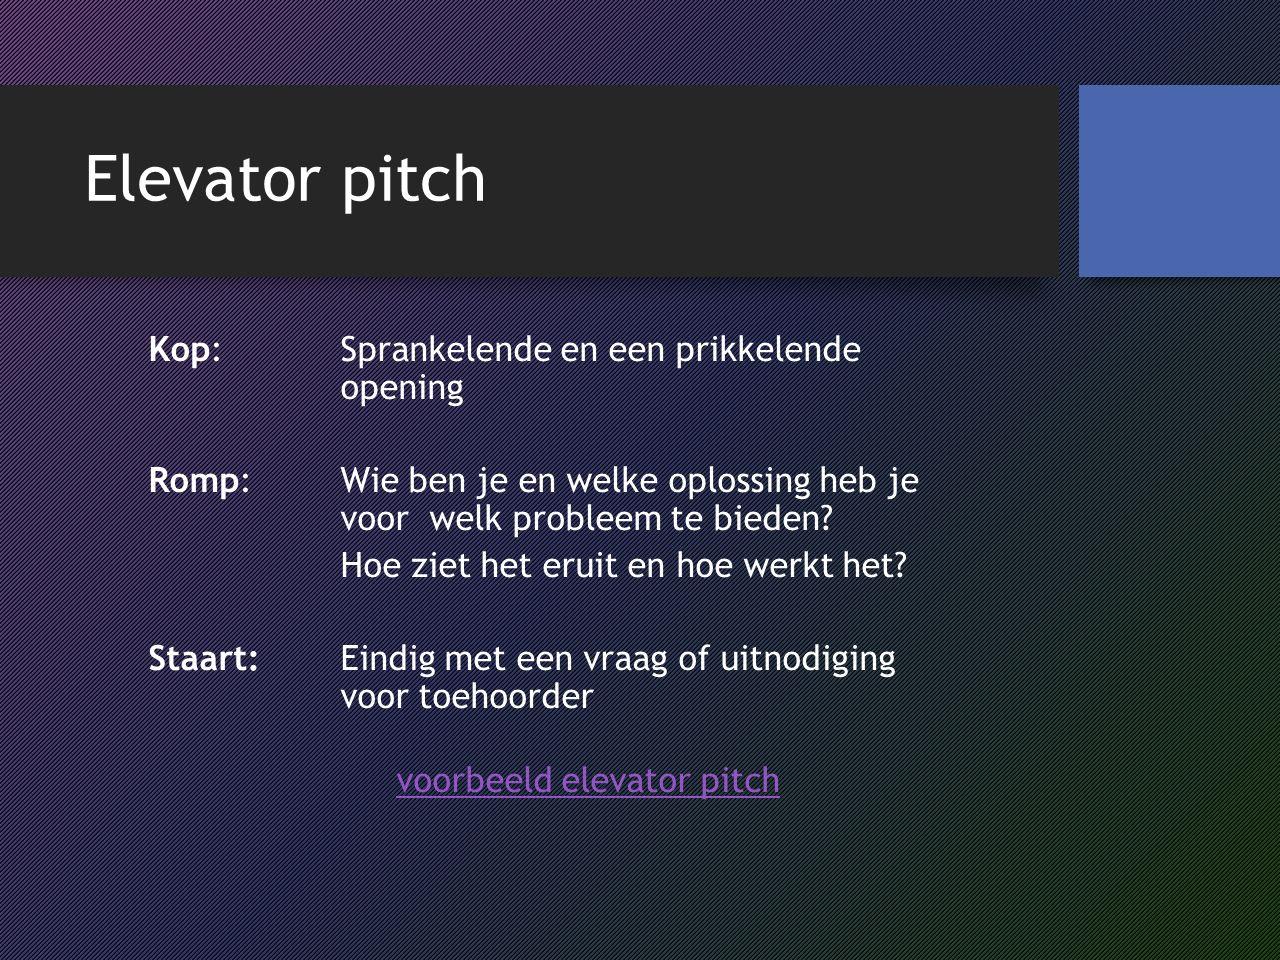 Elevator pitch Kop: Sprankelende en een prikkelende opening Romp: Wie ben je en welke oplossing heb je voor welk probleem te bieden? Hoe ziet het erui